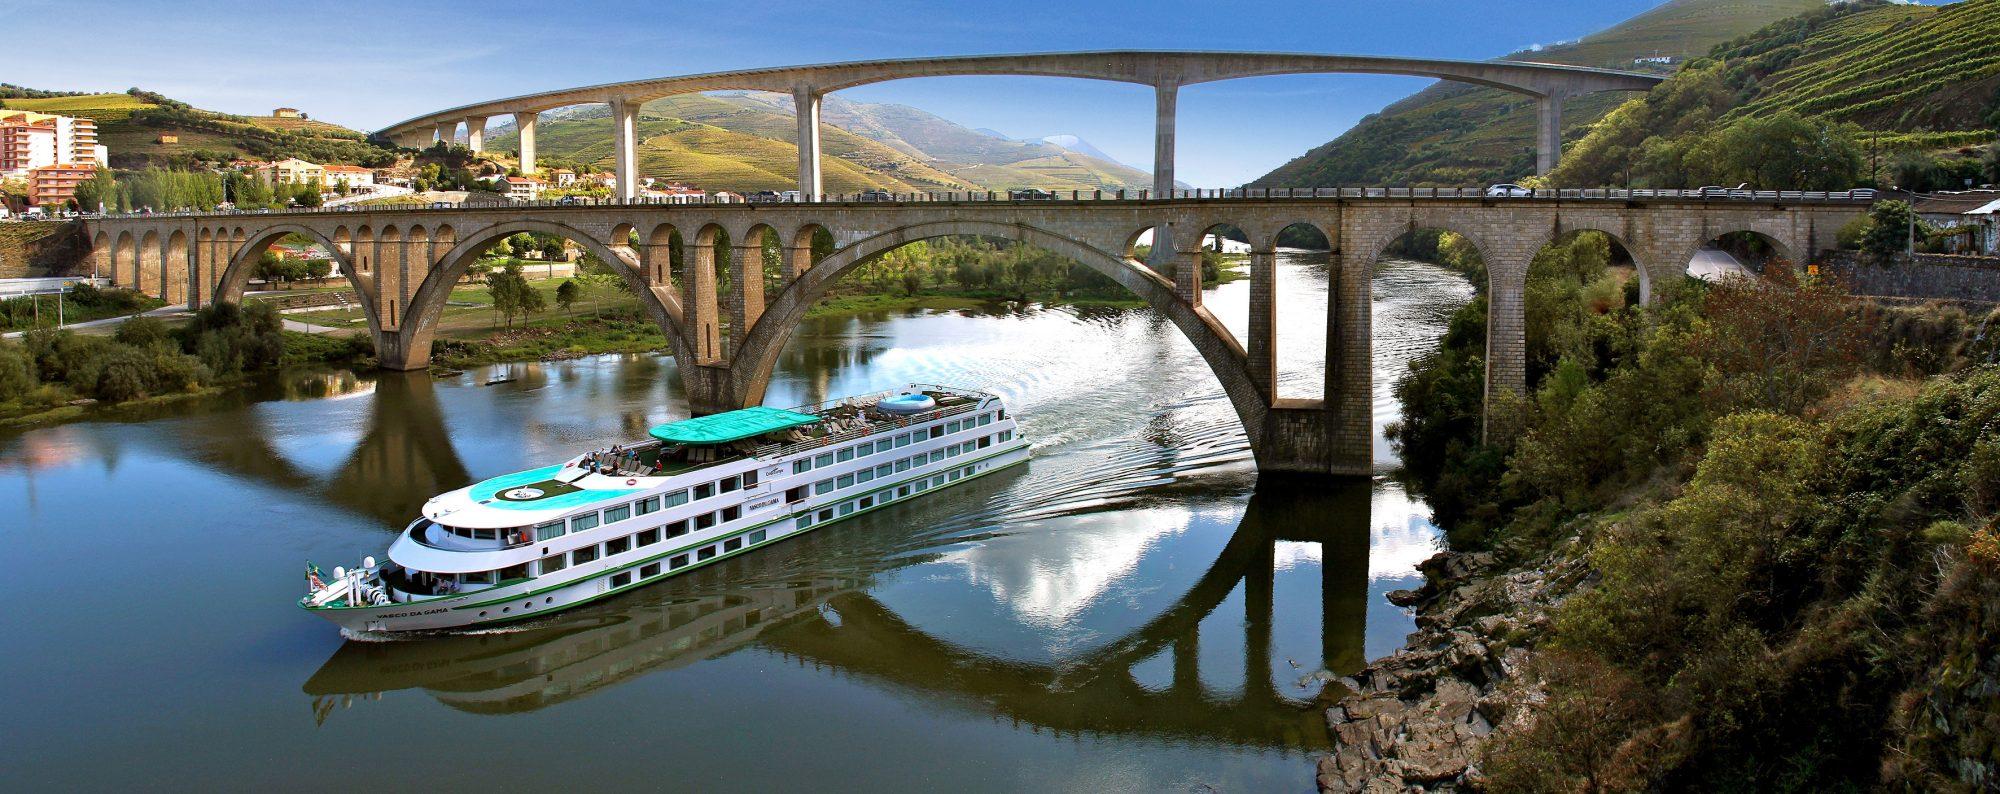 Verano 2019: Cruceros fluviales en los grandes ríos de Europa, especiales para españoles